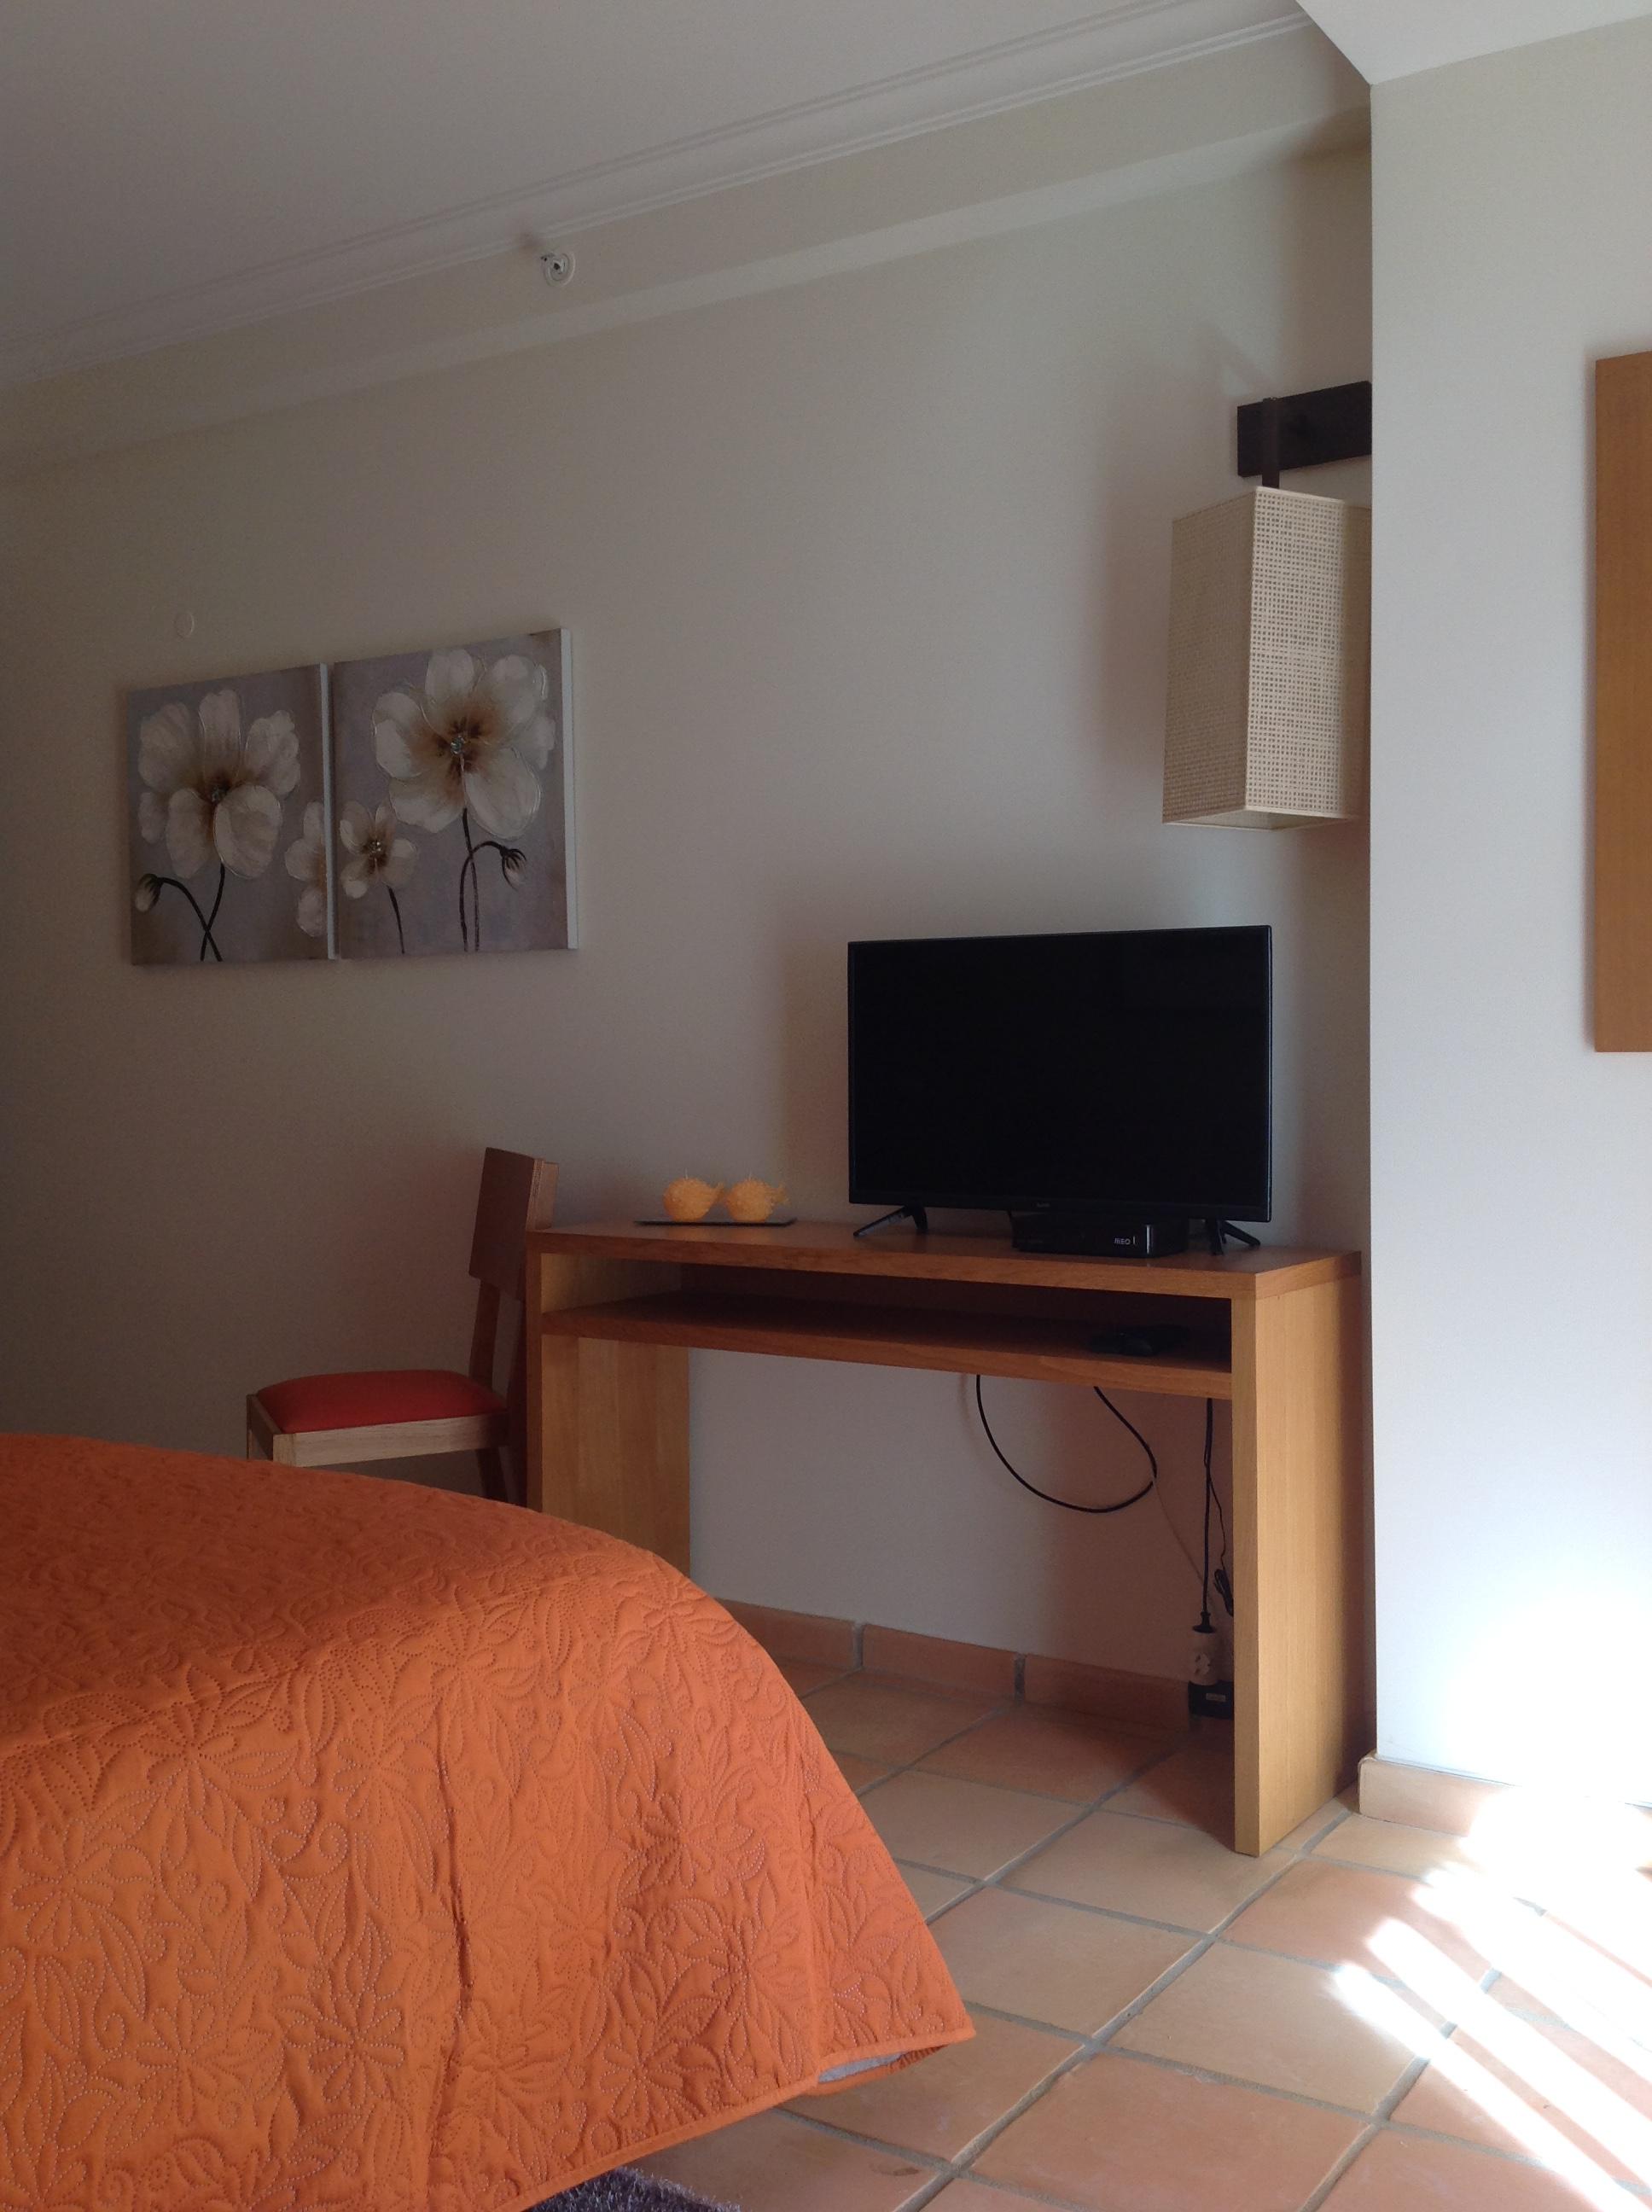 Location appartements et villas de vacance, Casa de Férias Vila Sol à Quarteira, Portugal Algarve, REF_IMG_3982_3987